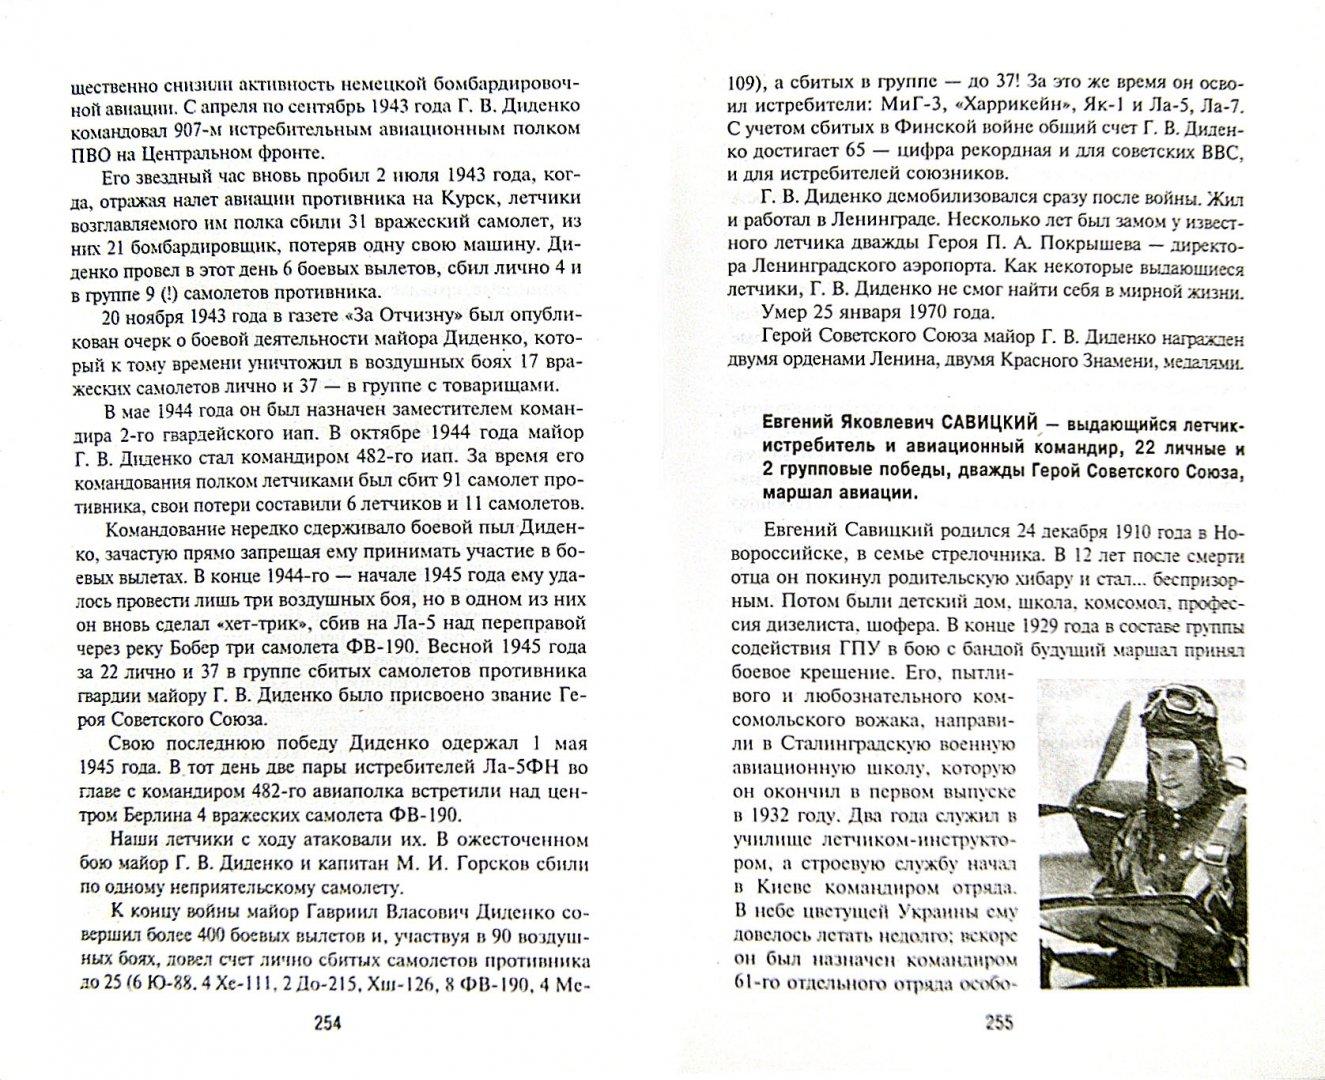 Иллюстрация 1 из 6 для Лучшие асы XX века - Николай Бодрихин | Лабиринт - книги. Источник: Лабиринт